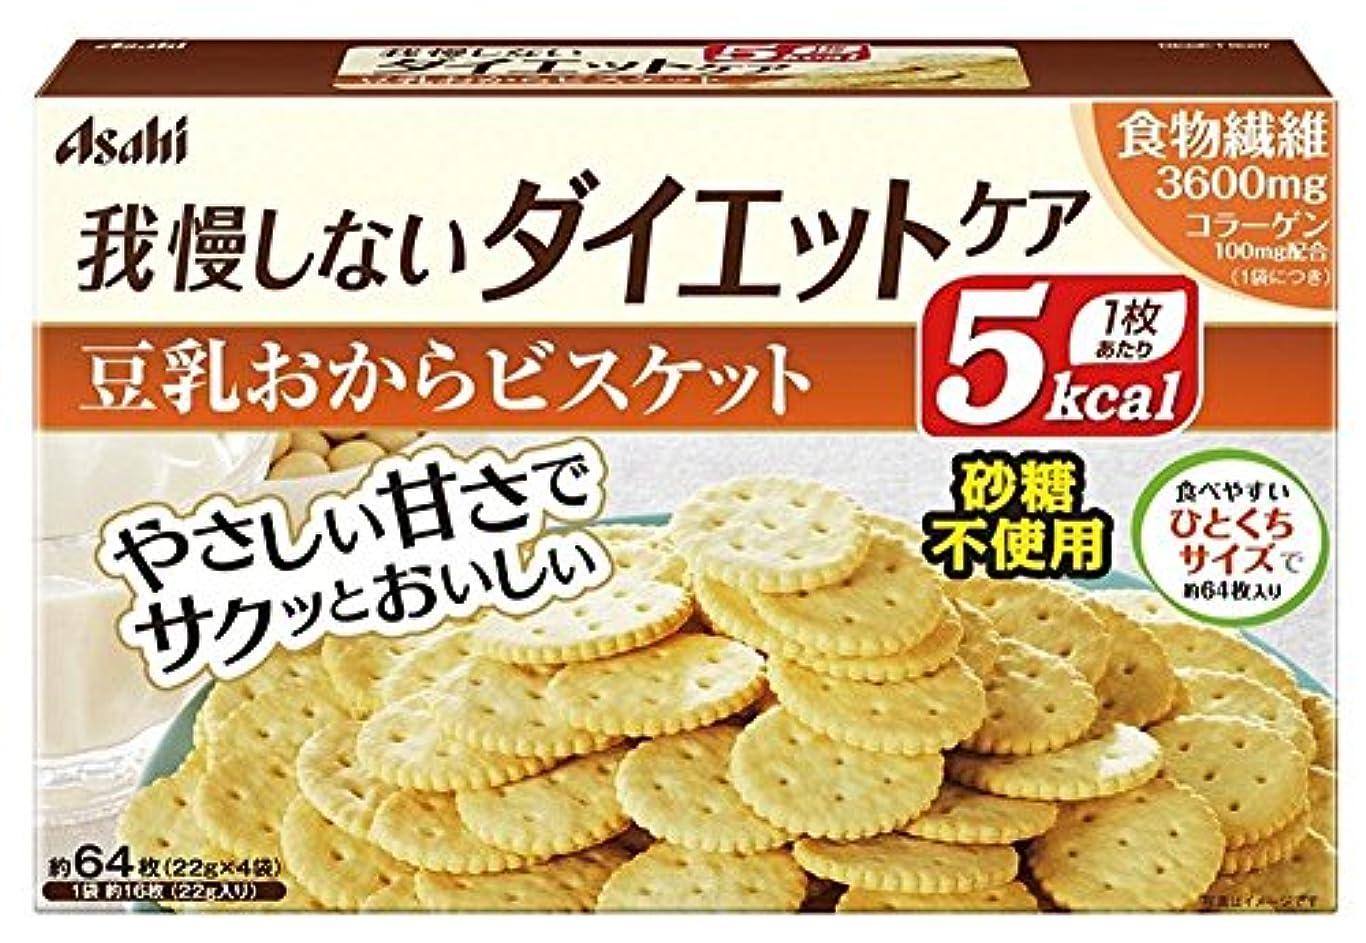 朝食を食べる不可能な酸リセットボディ 豆乳おからビスケット 4袋